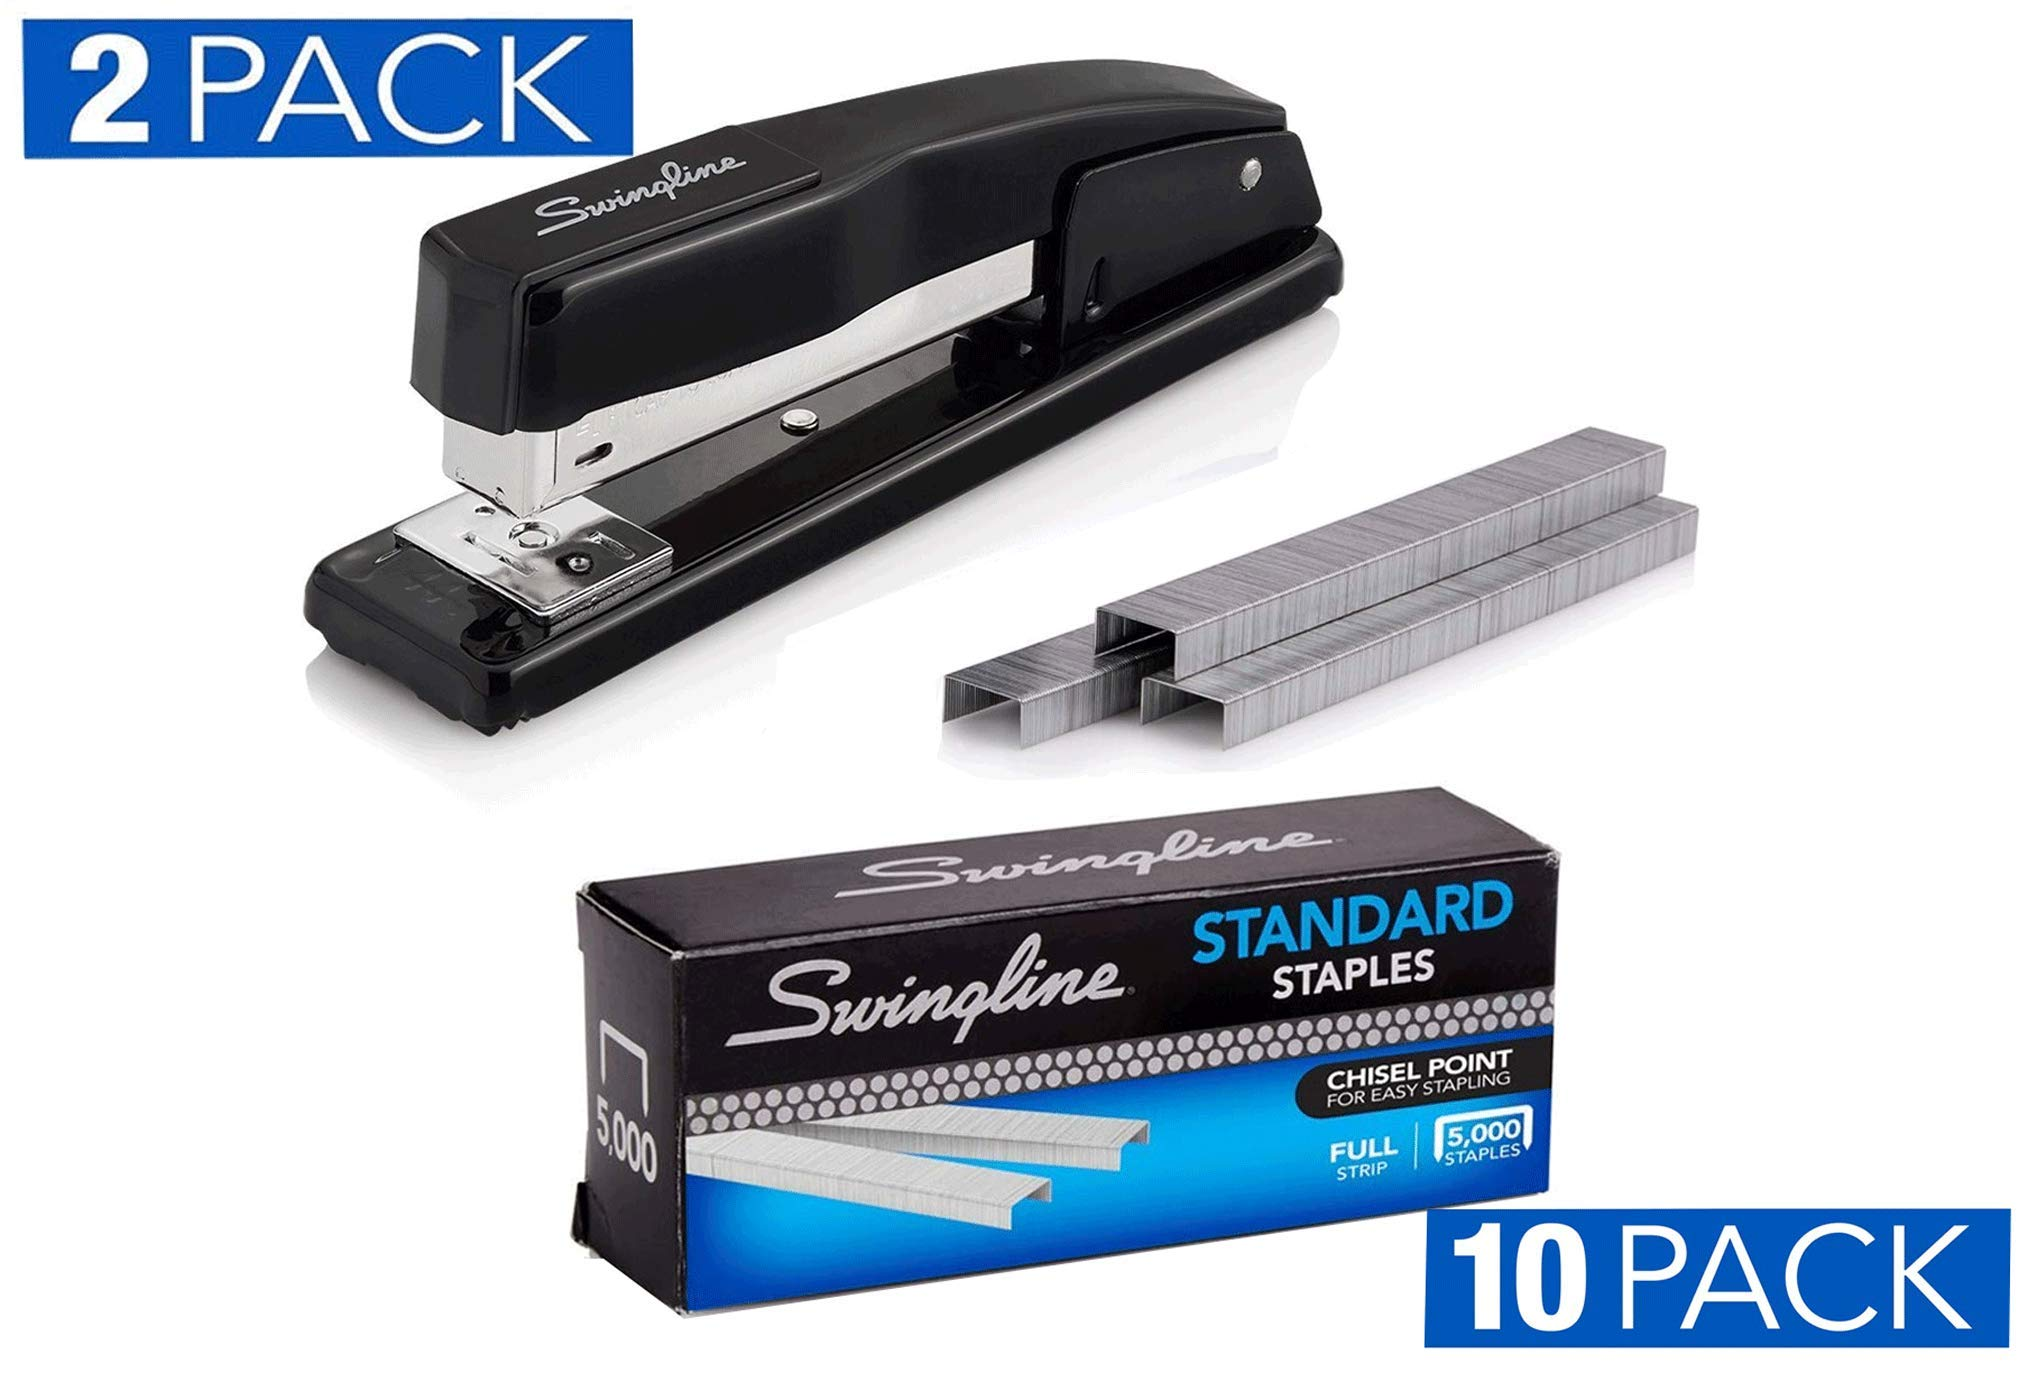 2 Swingline Stapler, Commercial Desktop Staplers, 20 Sheet Capacity, Black, (44401AZ) With Swingline Staples, Standard, 1/4'' Length, 210/Strip, 5000/Box, 10 Pack (35111) by Swingline